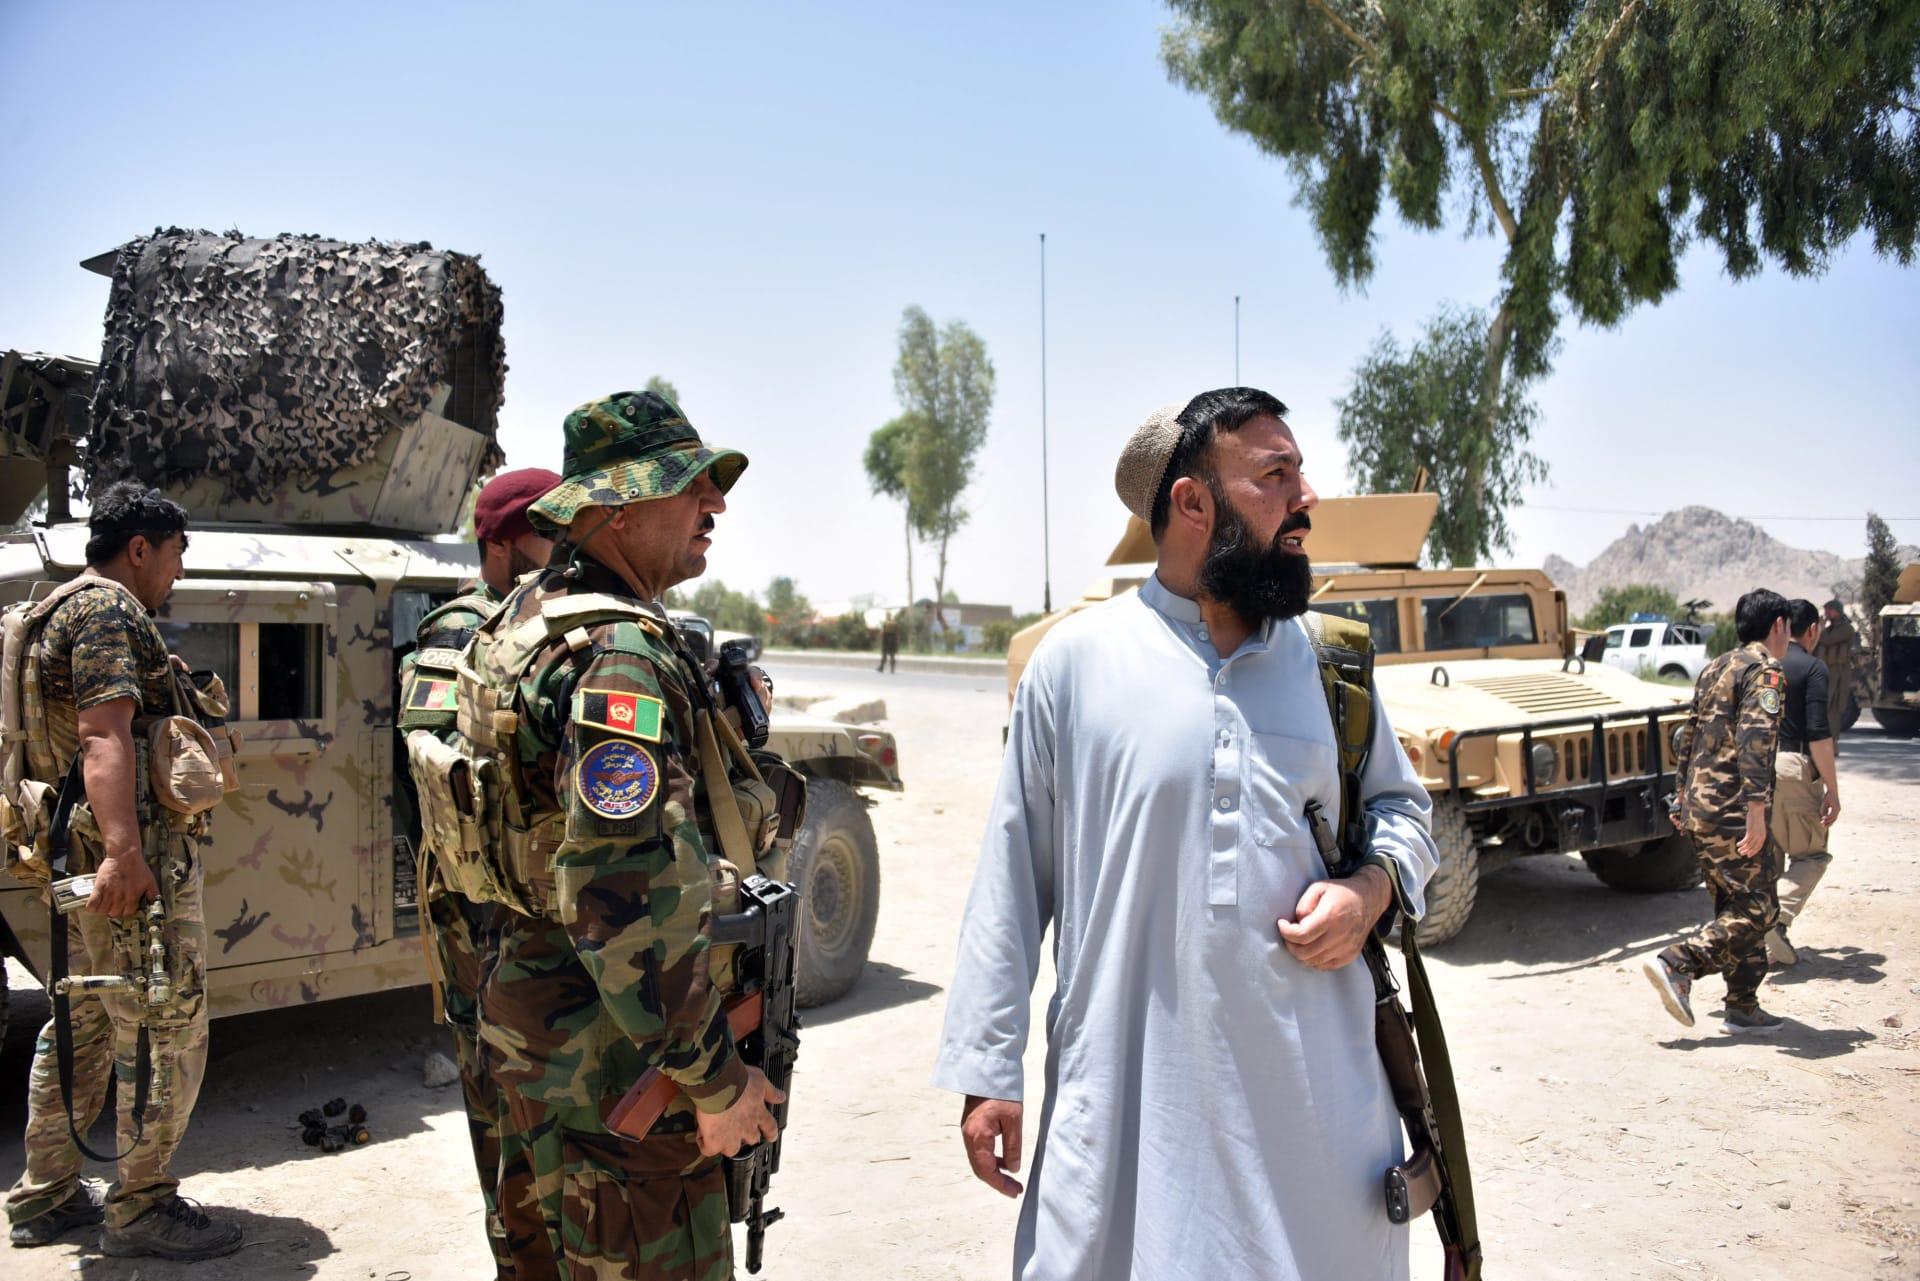 فراد الأمن الأفغان يقفون على طول الطريق وسط قتال مستمر بين قوات الأمن الأفغانية ومقاتلي طالبان في قندهار ، 9 يوليو 2021